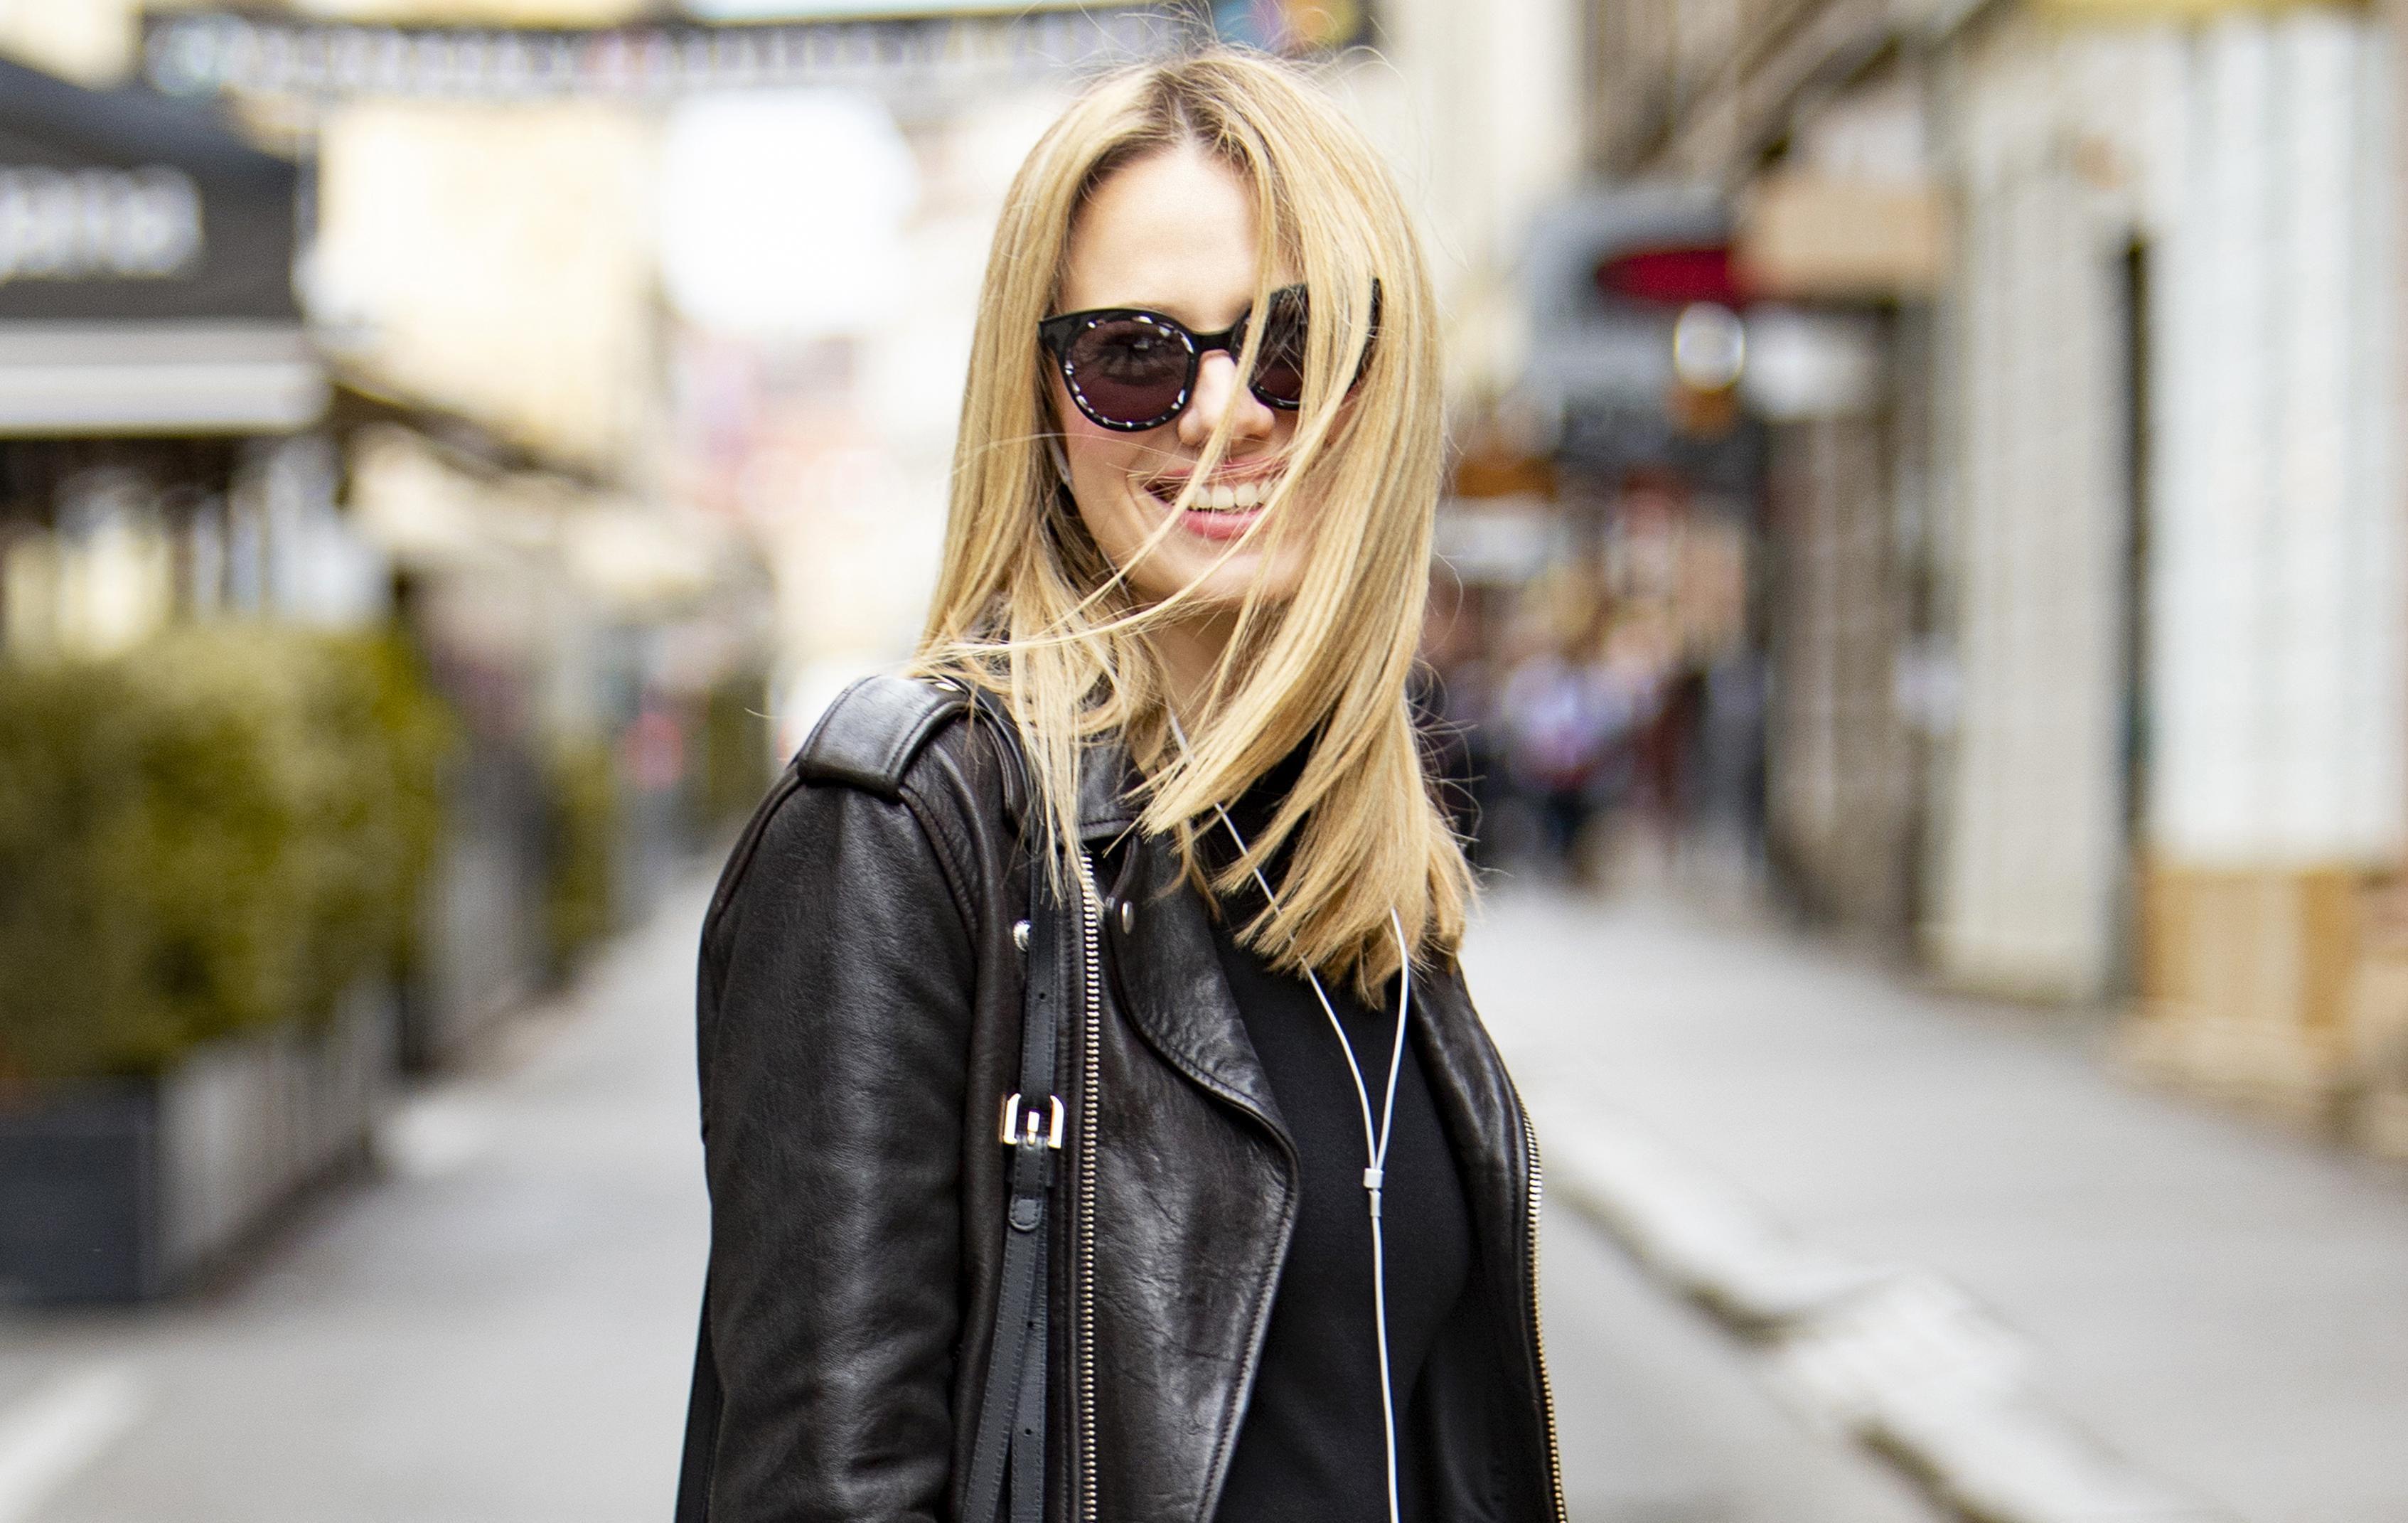 Jelena Veljača zna kako nositi crno od glave do pete; njezin ćete outfit odmah poželjeti kopirati